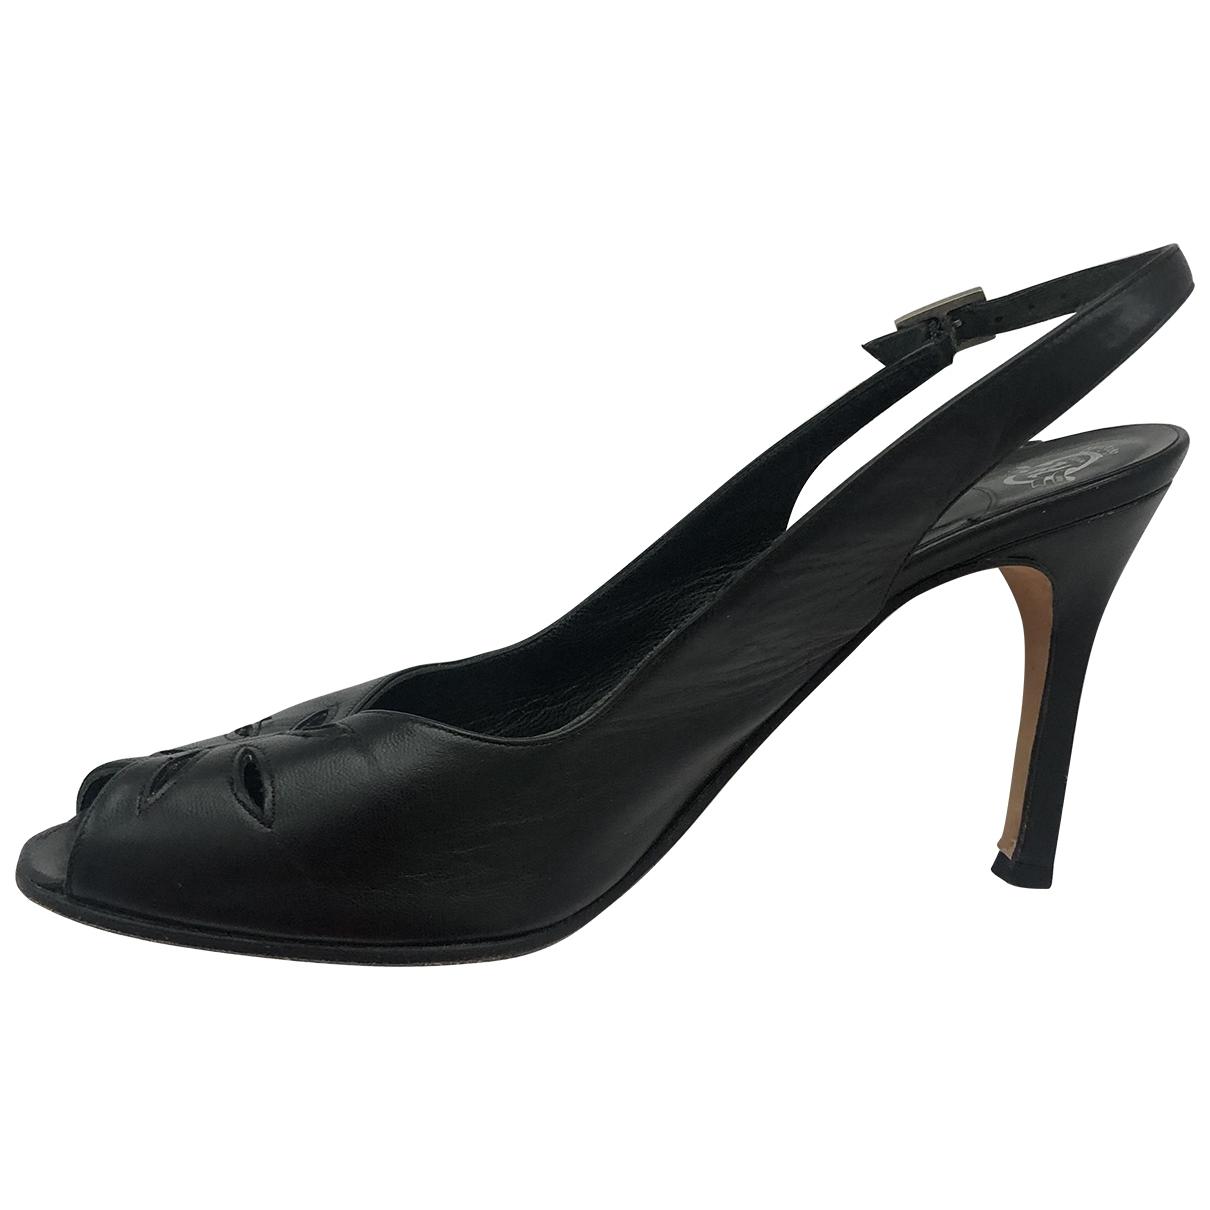 Gina - Sandales   pour femme en cuir - noir